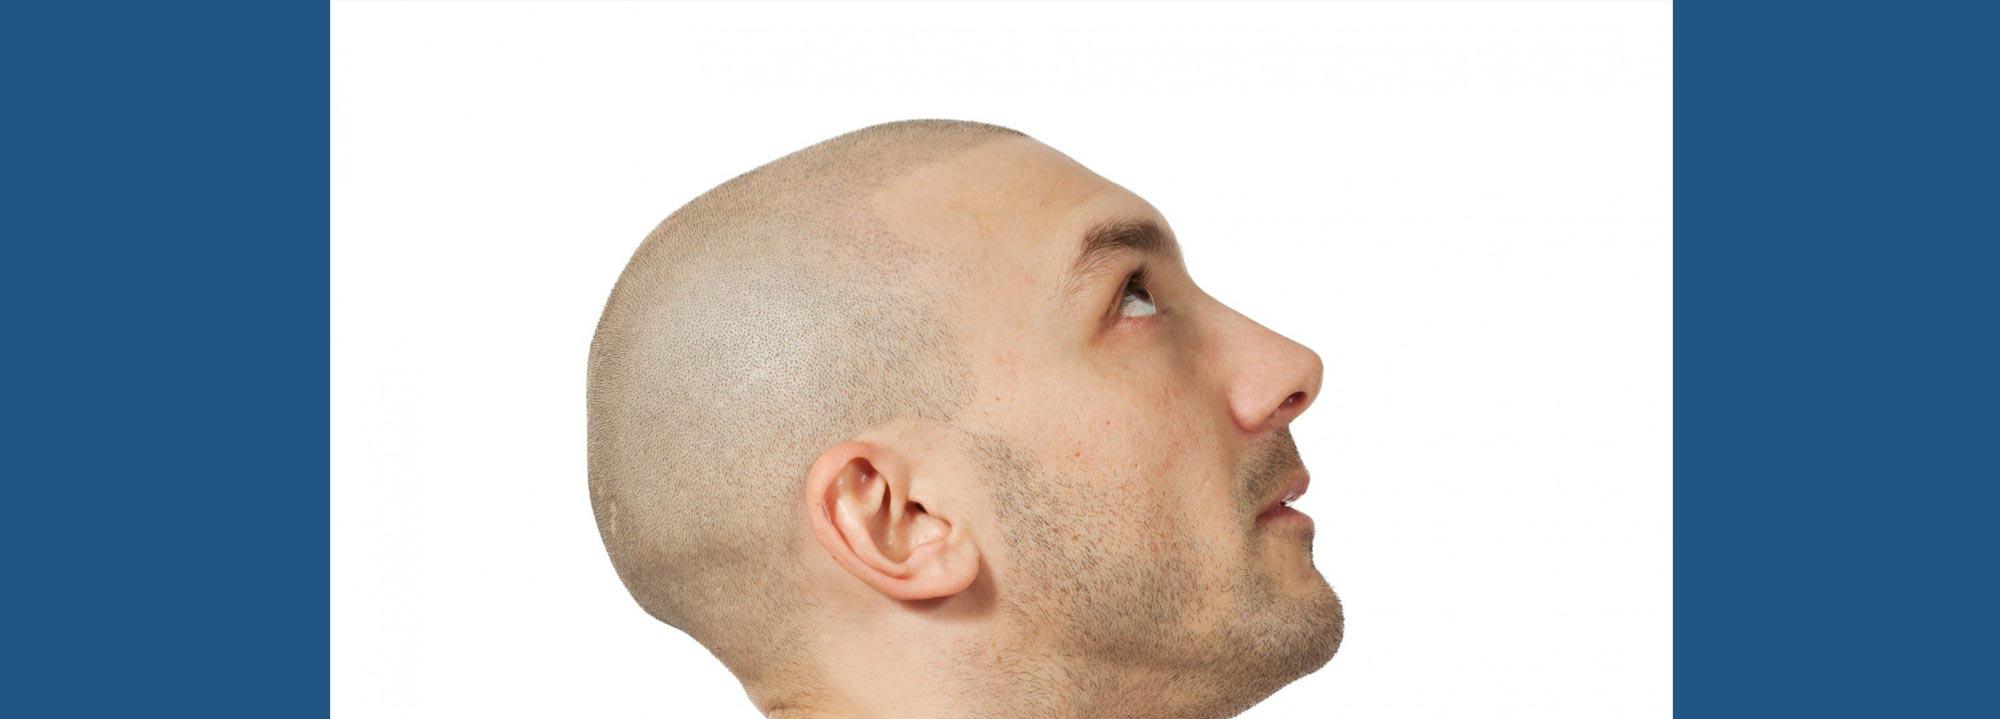 tatuaggio-capelli-cuoio-capelluto-tricopigmentazione-permanente-definitiva-centri-tricologici-vicenza-padova-milano-brescia-treviso-venezia-verona-belluno-udine-trento